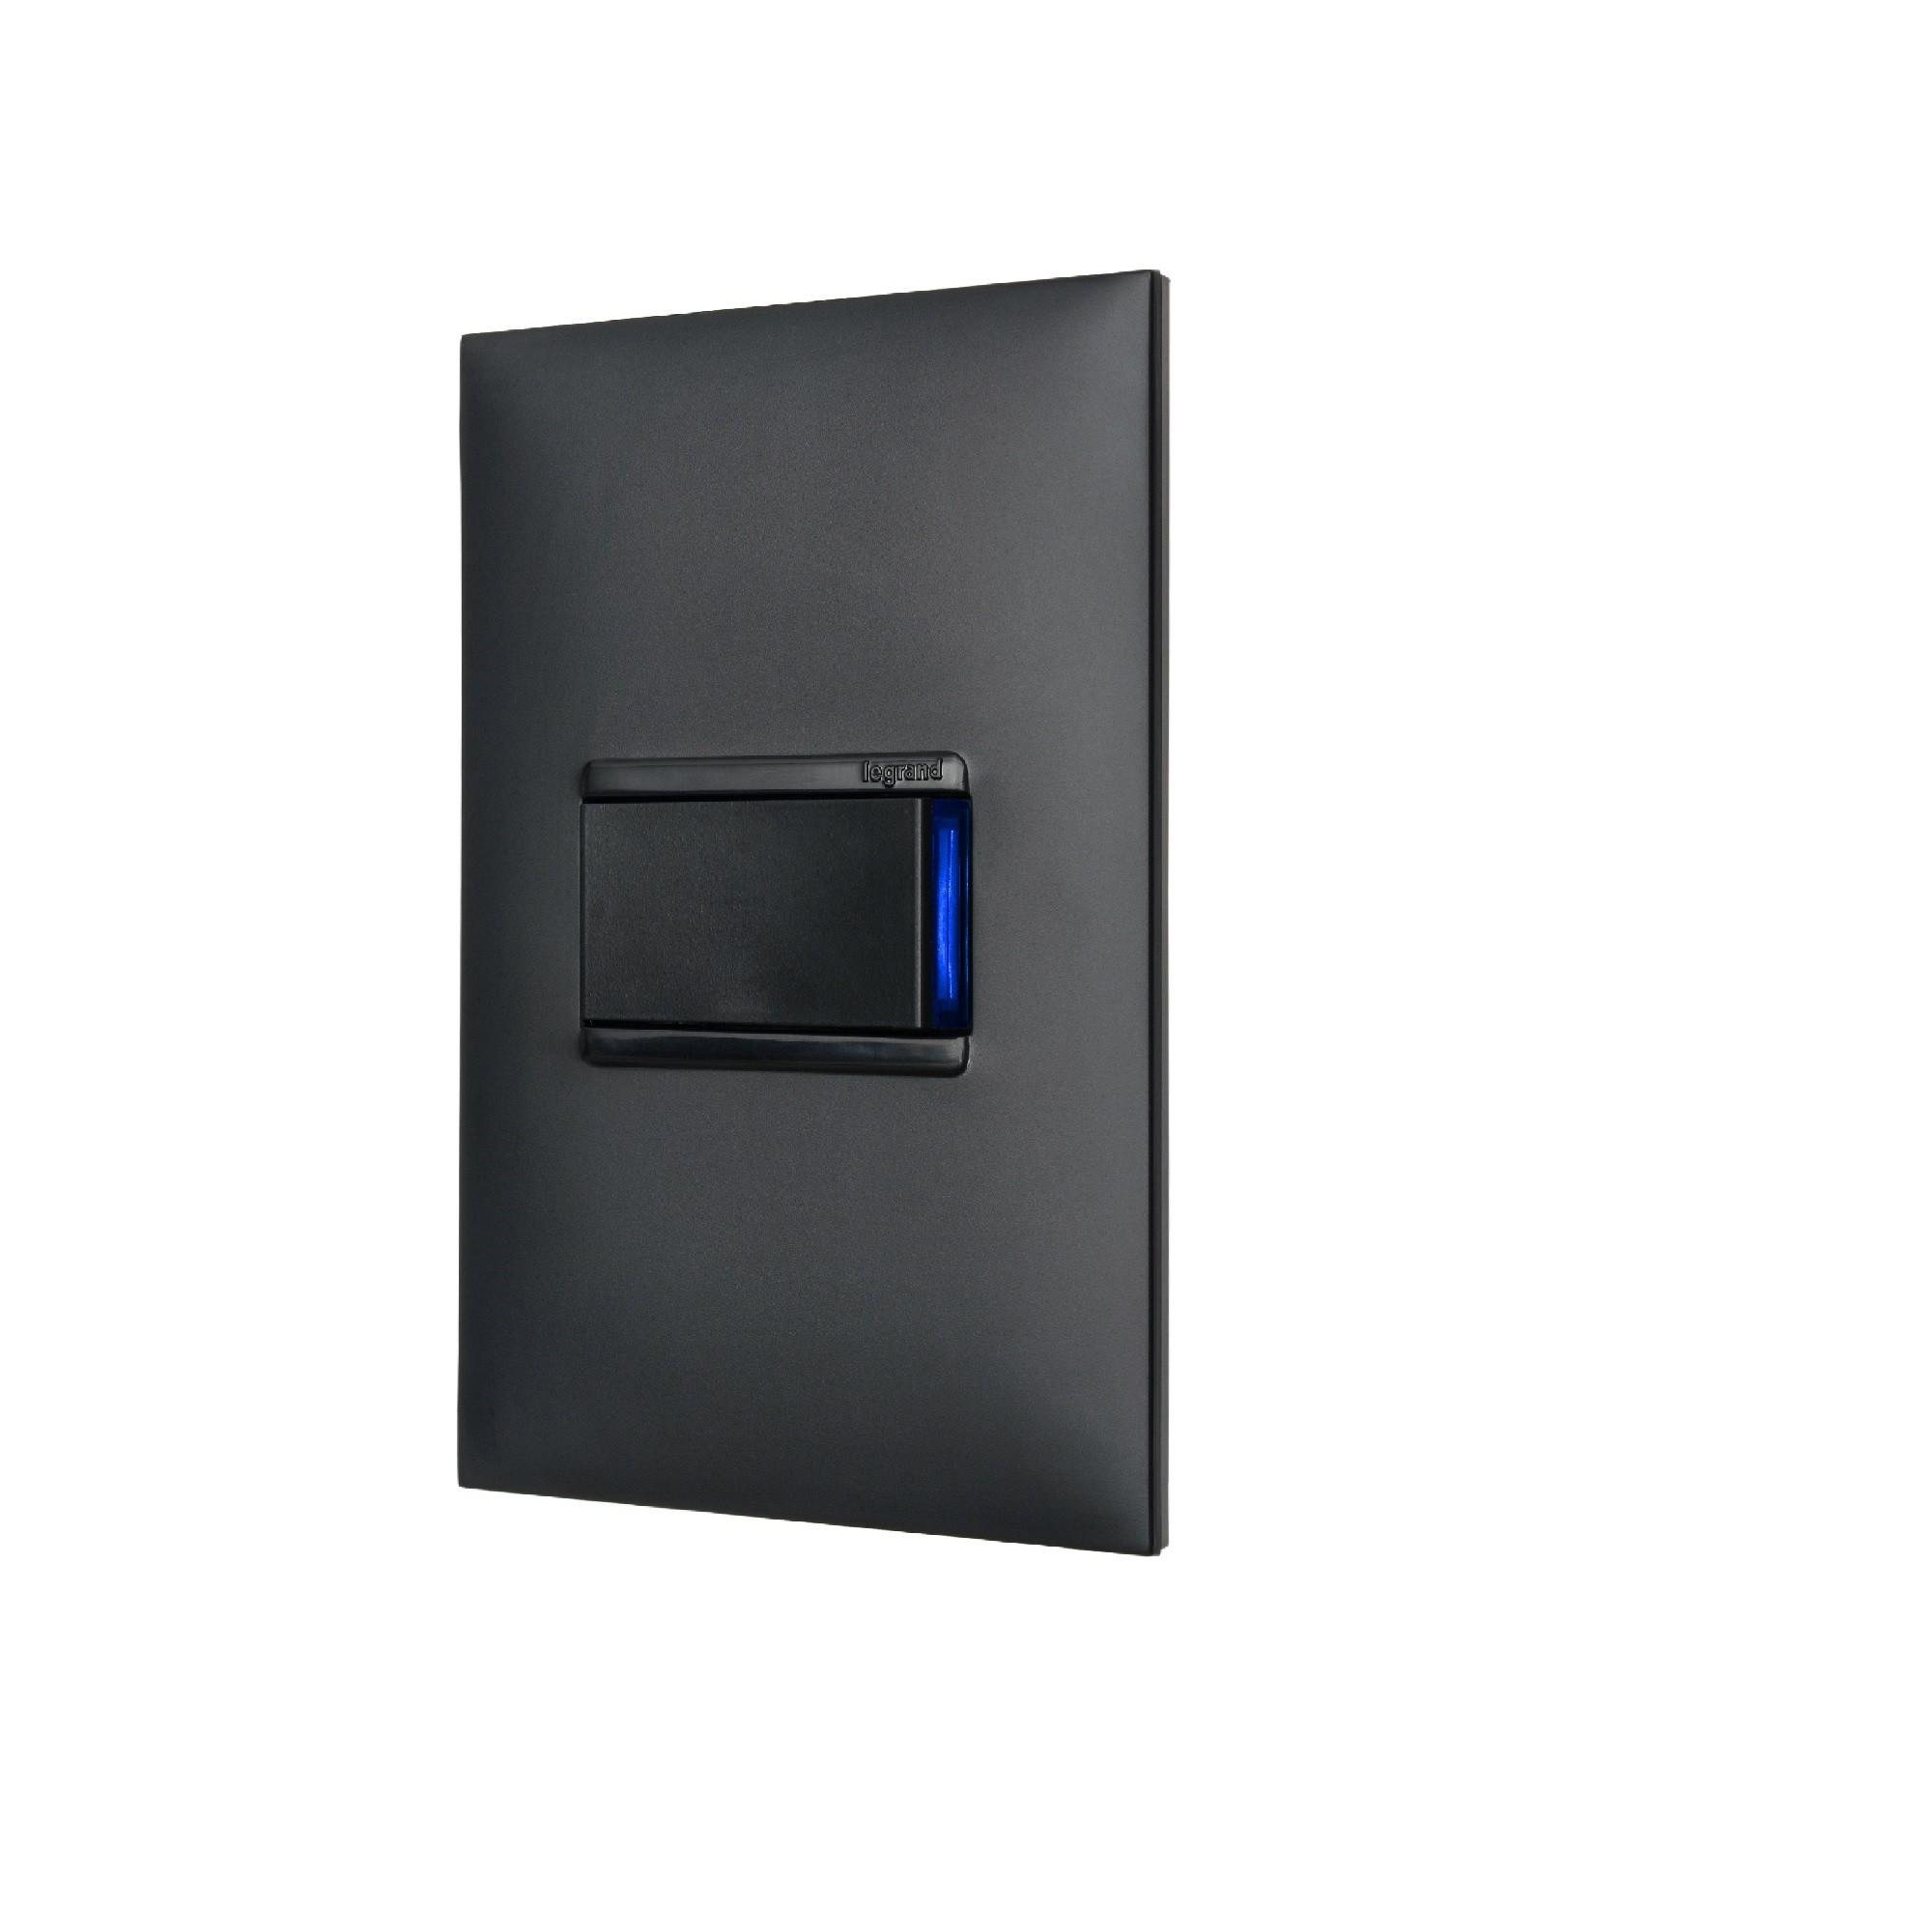 Modulo Interruptor Simples Alavanca 1 Modulo 10A - Preto - Pial Plus - Preto - Legrand